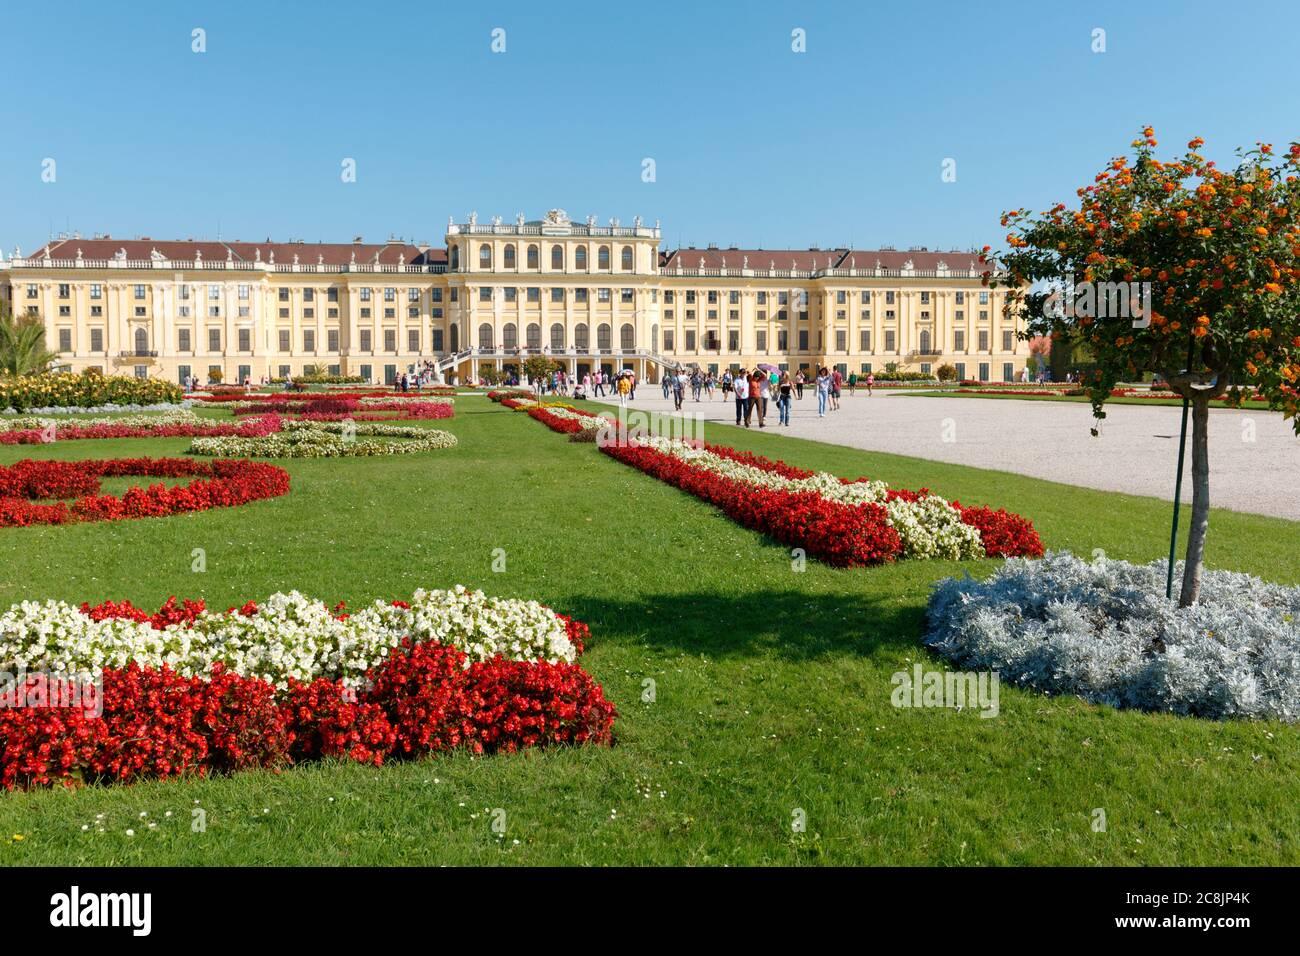 Schonbrunn palazzo, un ex residenza imperiale estiva. Il palazzo e i giardini di Schonbrunn sono dichiarati patrimonio dell'umanità dall'UNESCO Foto Stock